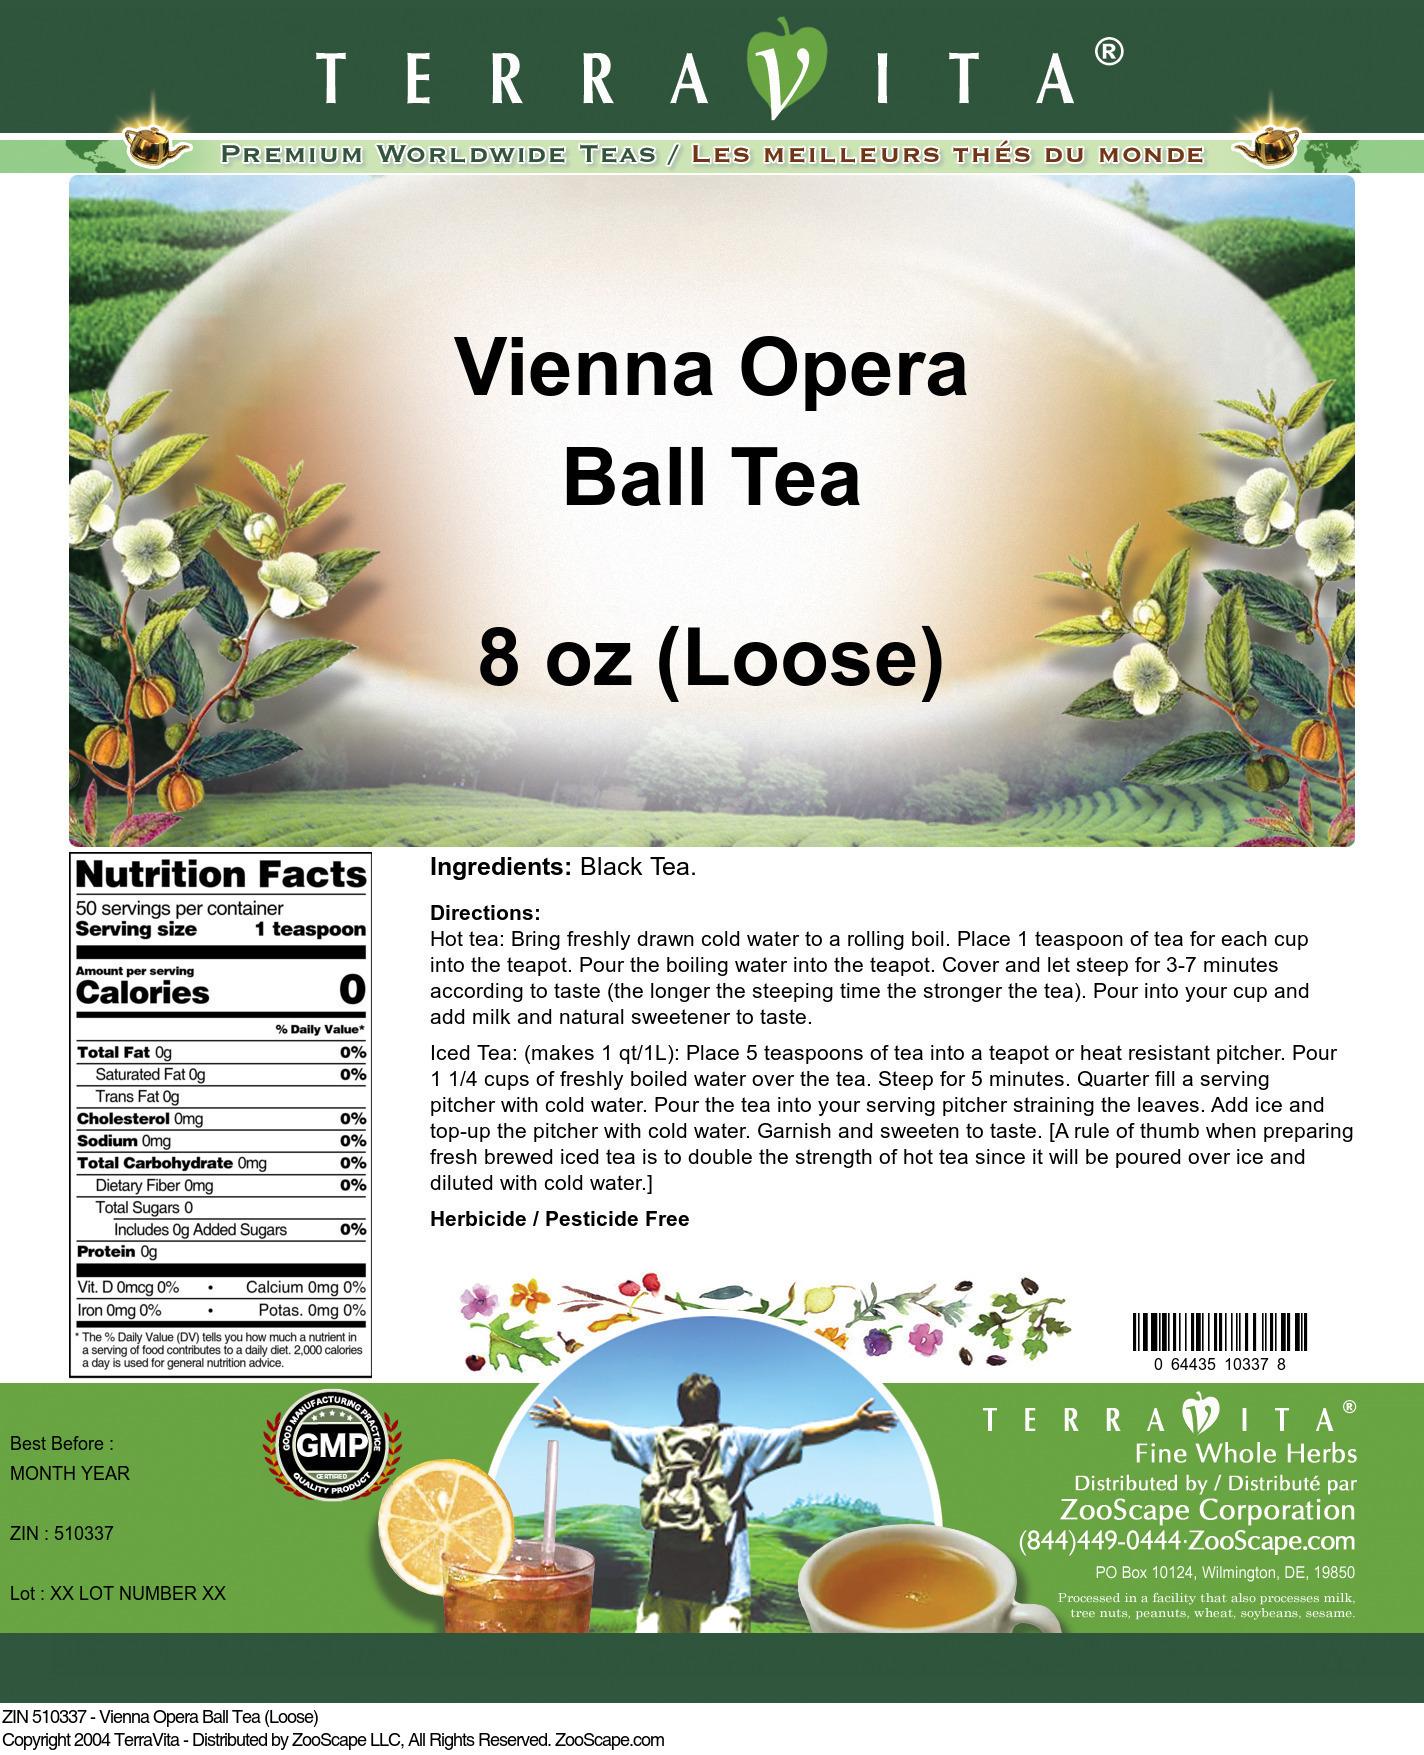 Vienna Opera Ball Tea (Loose)